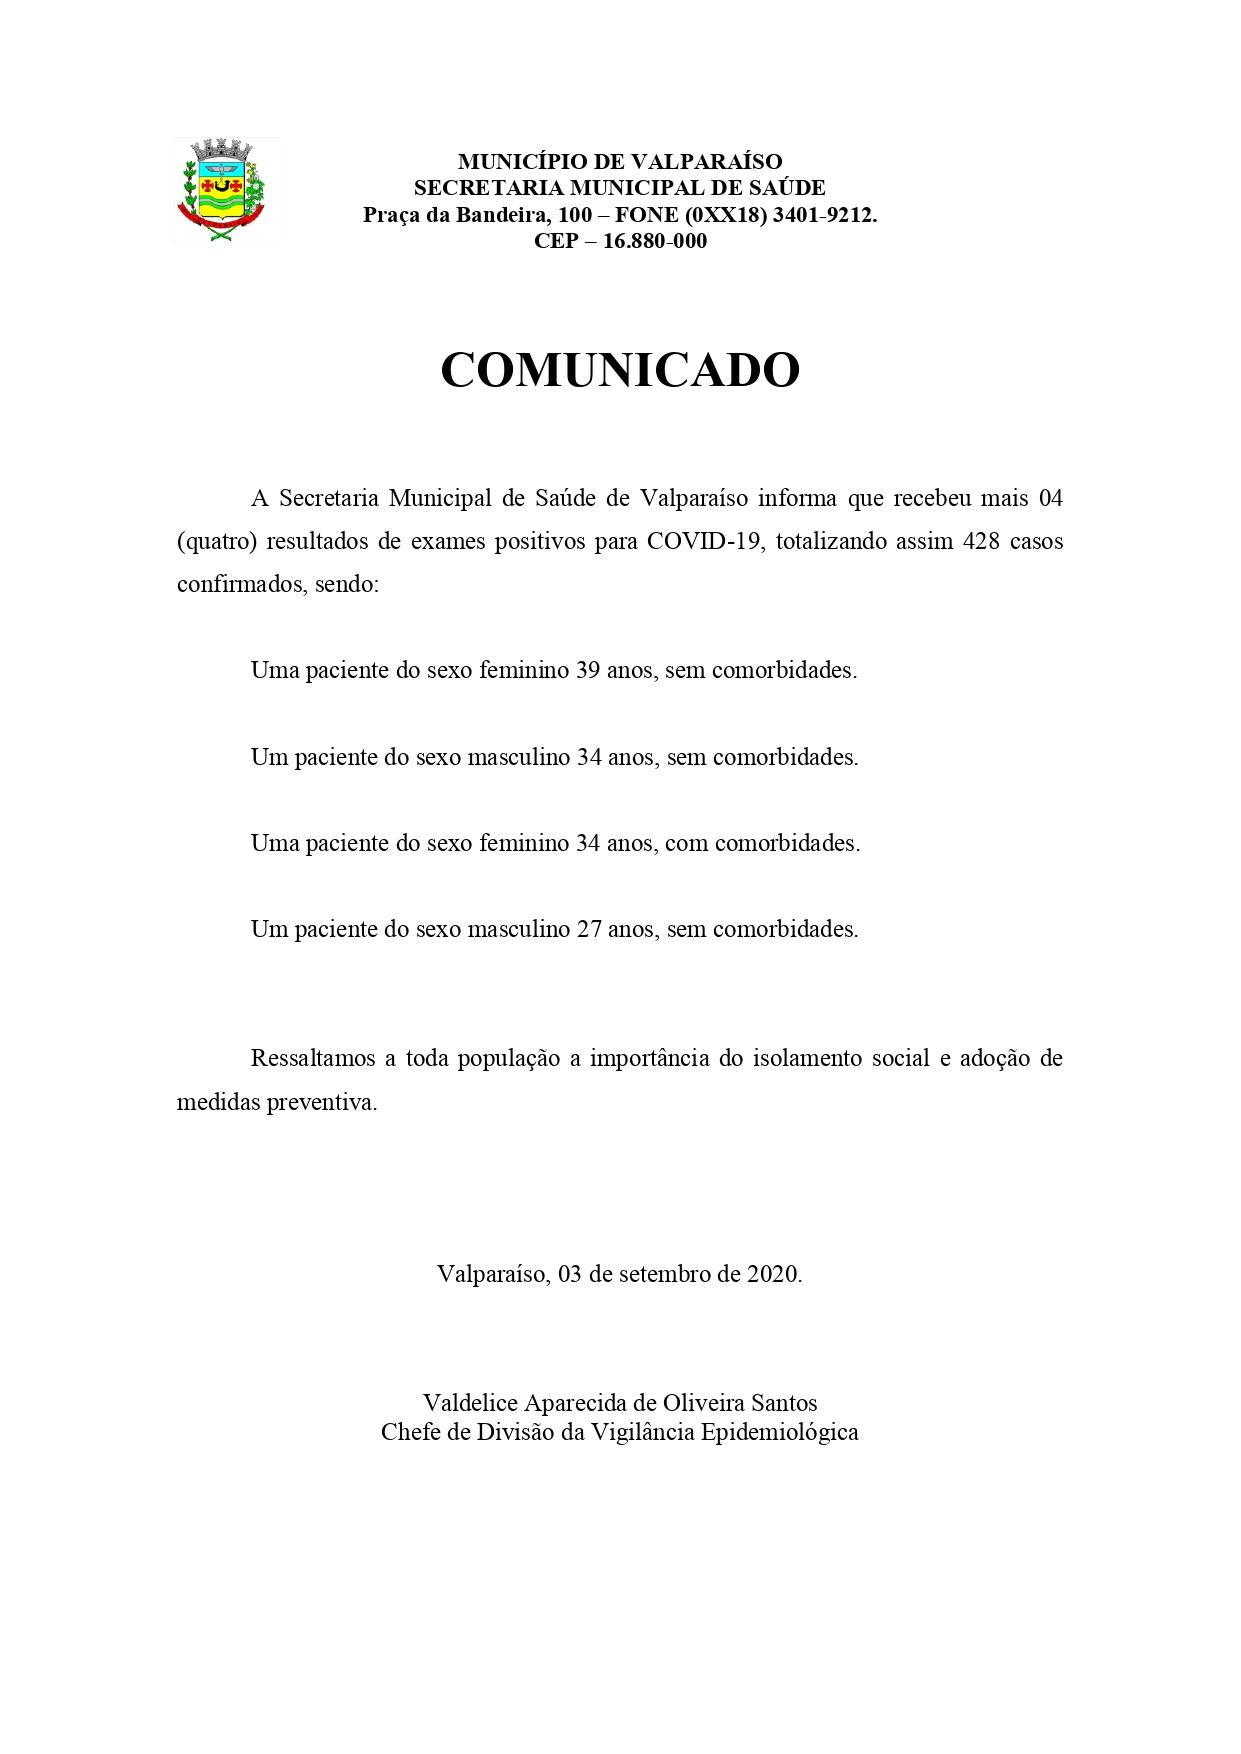 covid428